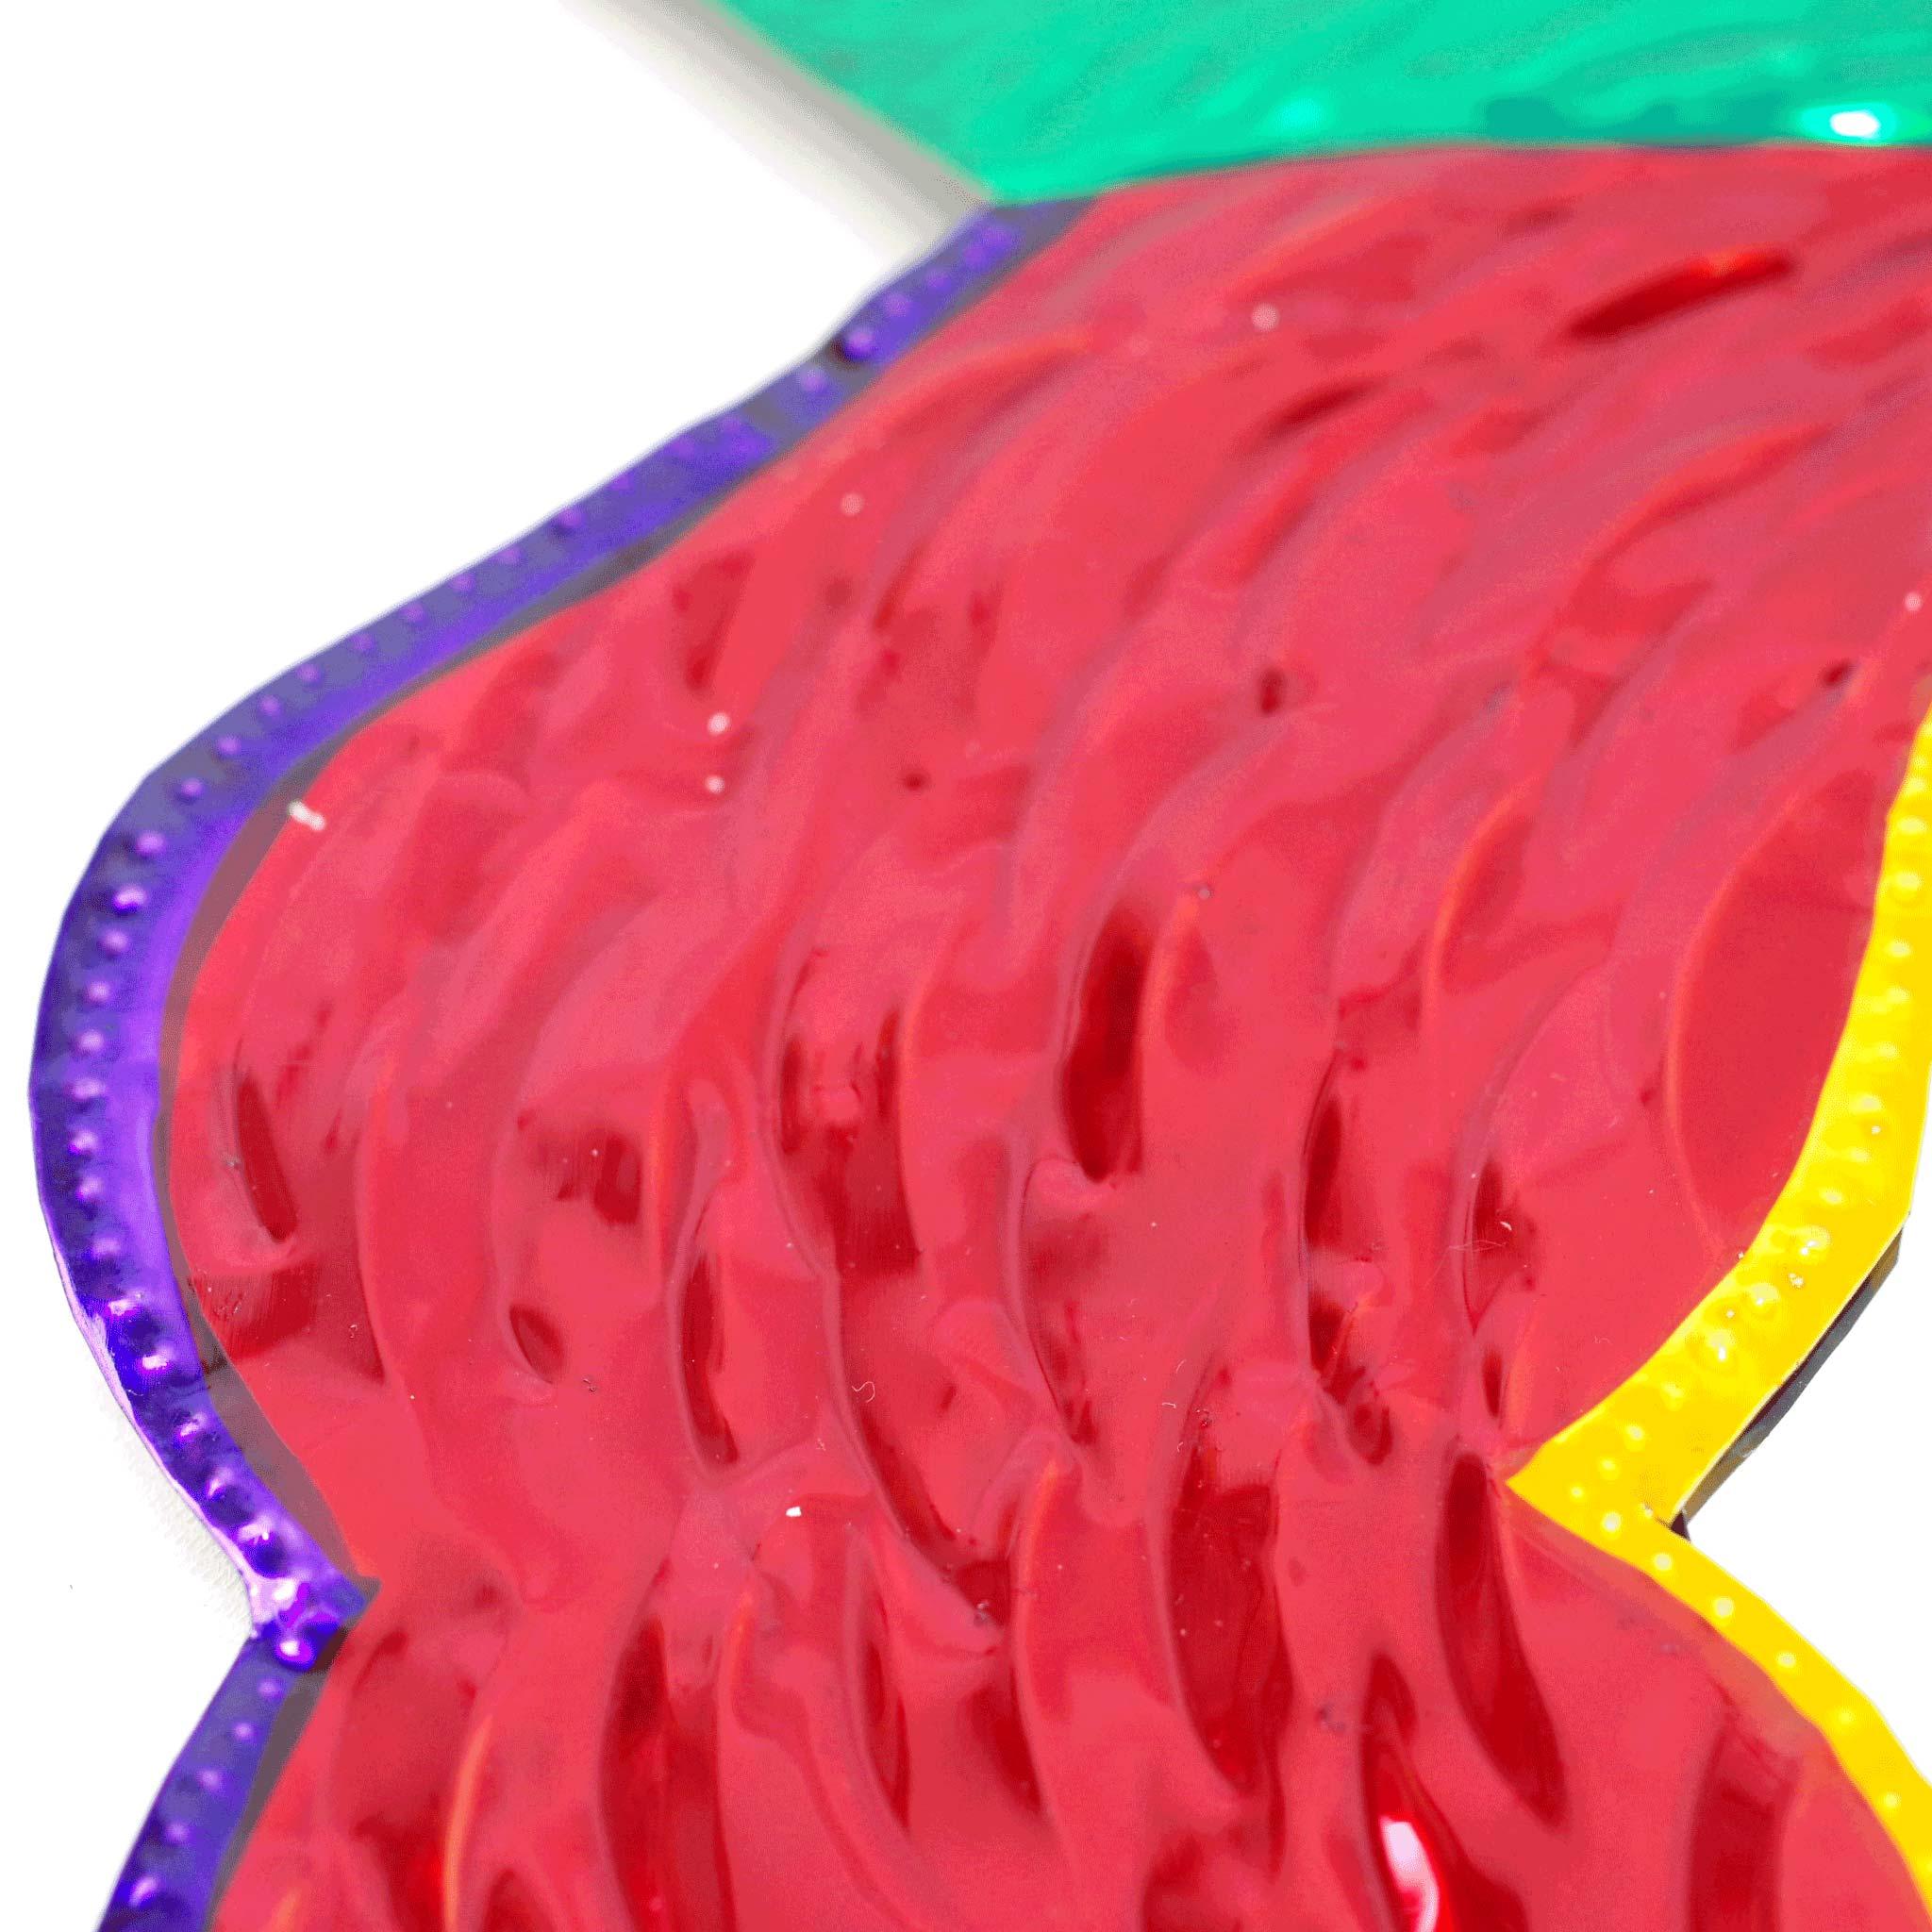 """""""オハラタミラーmot,バラ,薔薇,お花,花,フラワー,ミラー,鏡,オハラタ,オアハカ,インテリア,壁掛け,飾り,メキシコ,インテリア雑貨,壁飾り,メキシコ雑貨,メキシコ雑貨PAD"""""""